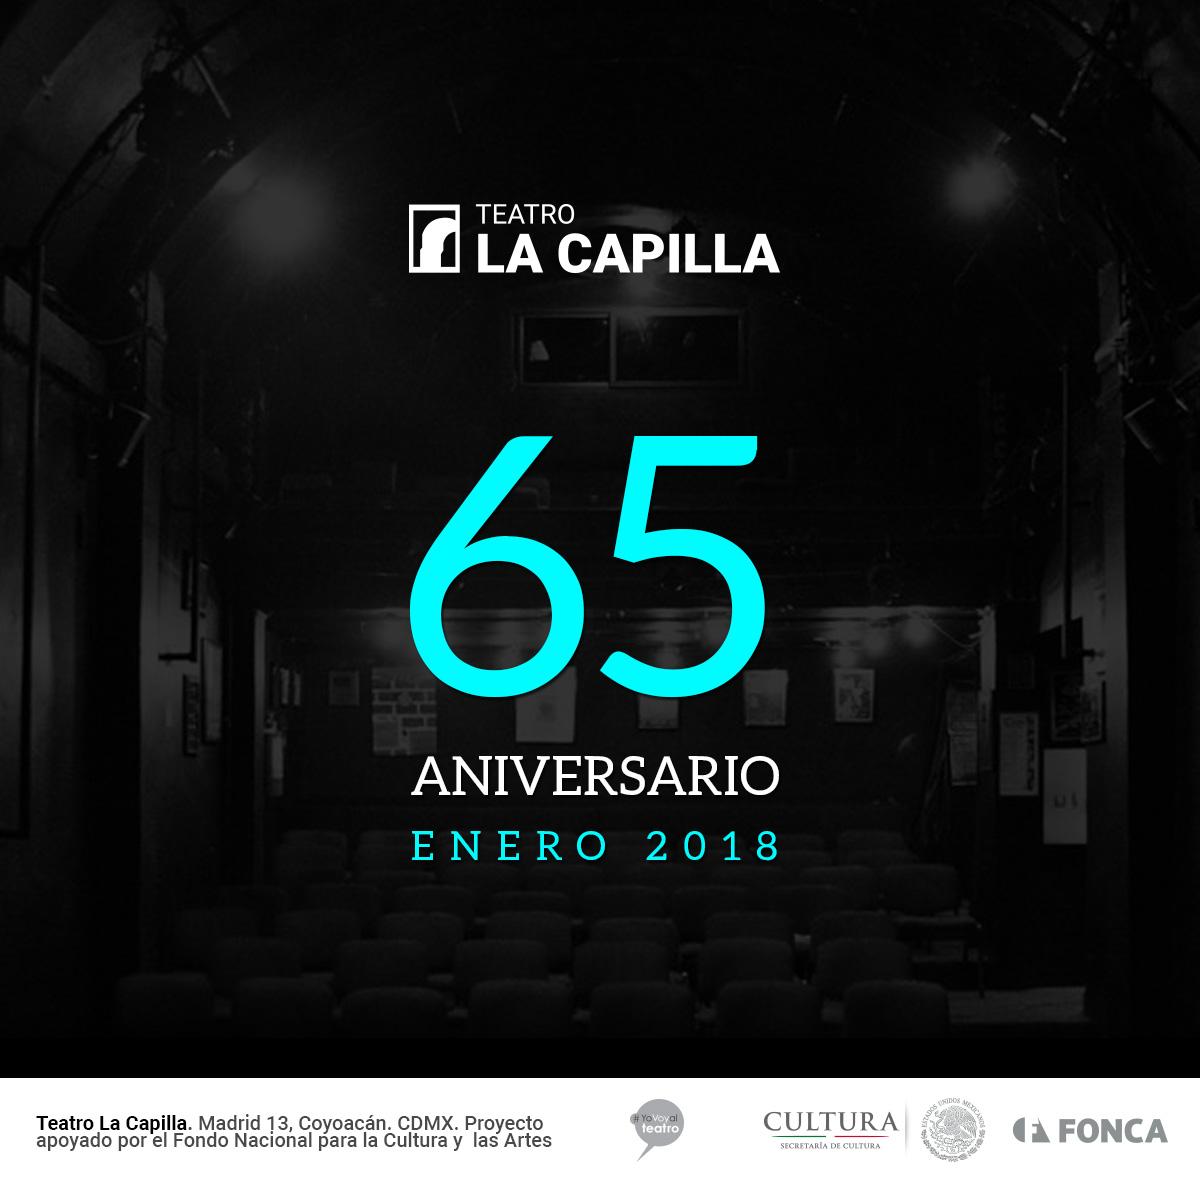 Teatro La Capilla, 65 aniversario